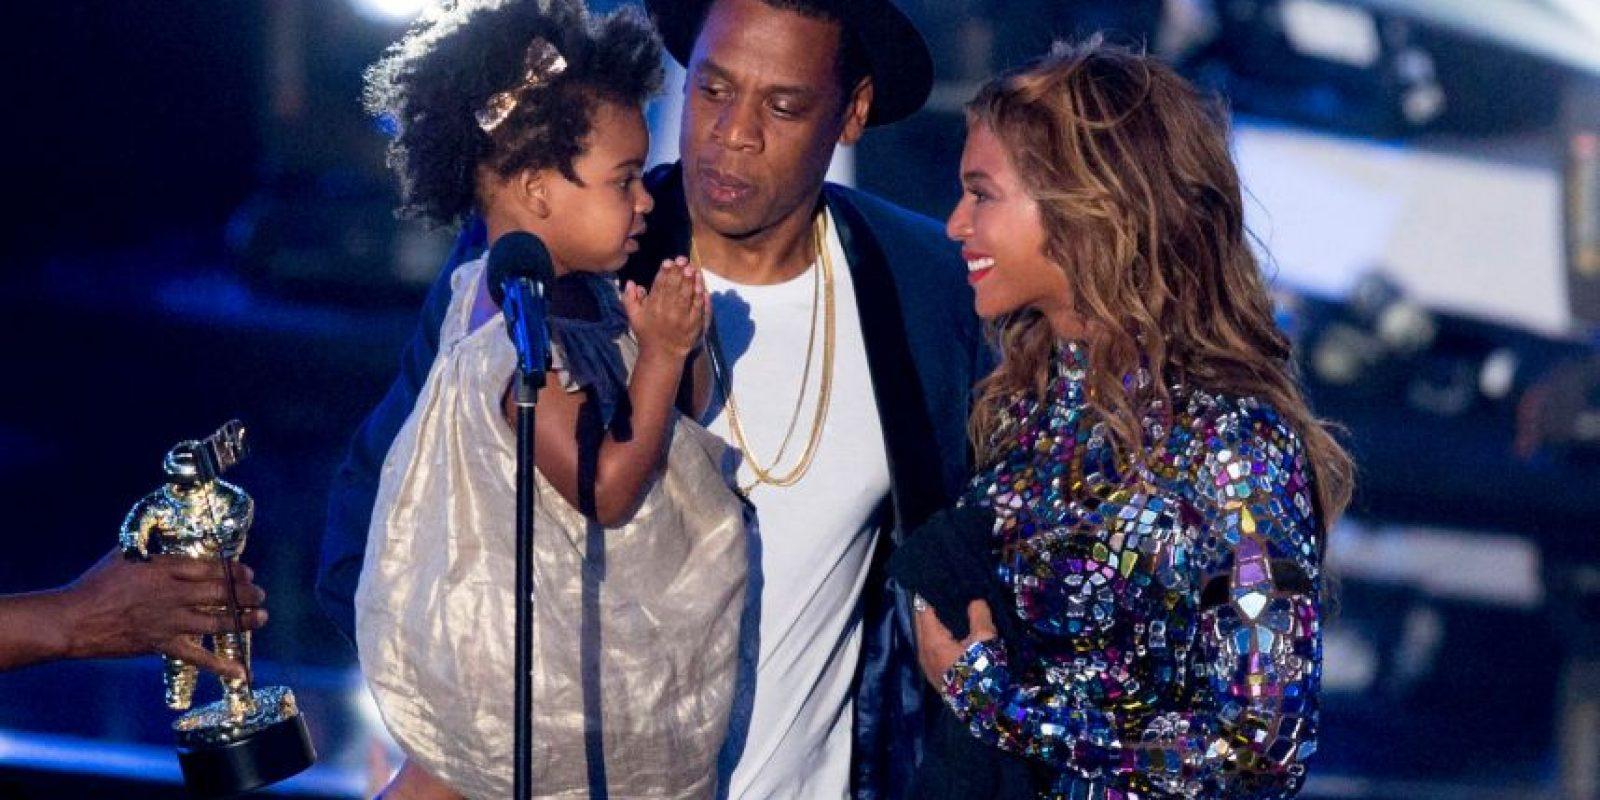 """En 2013 Beyoncé lanzó su quinto disco solista de manera inesperada. Incluyó la canción """"Drunk in Love"""", otra colaboración con Jay. La pareja se llevó todas las miradas con su actuación del sensual simple en los Premios Grammy 2014 en enero Foto:Getty Images"""